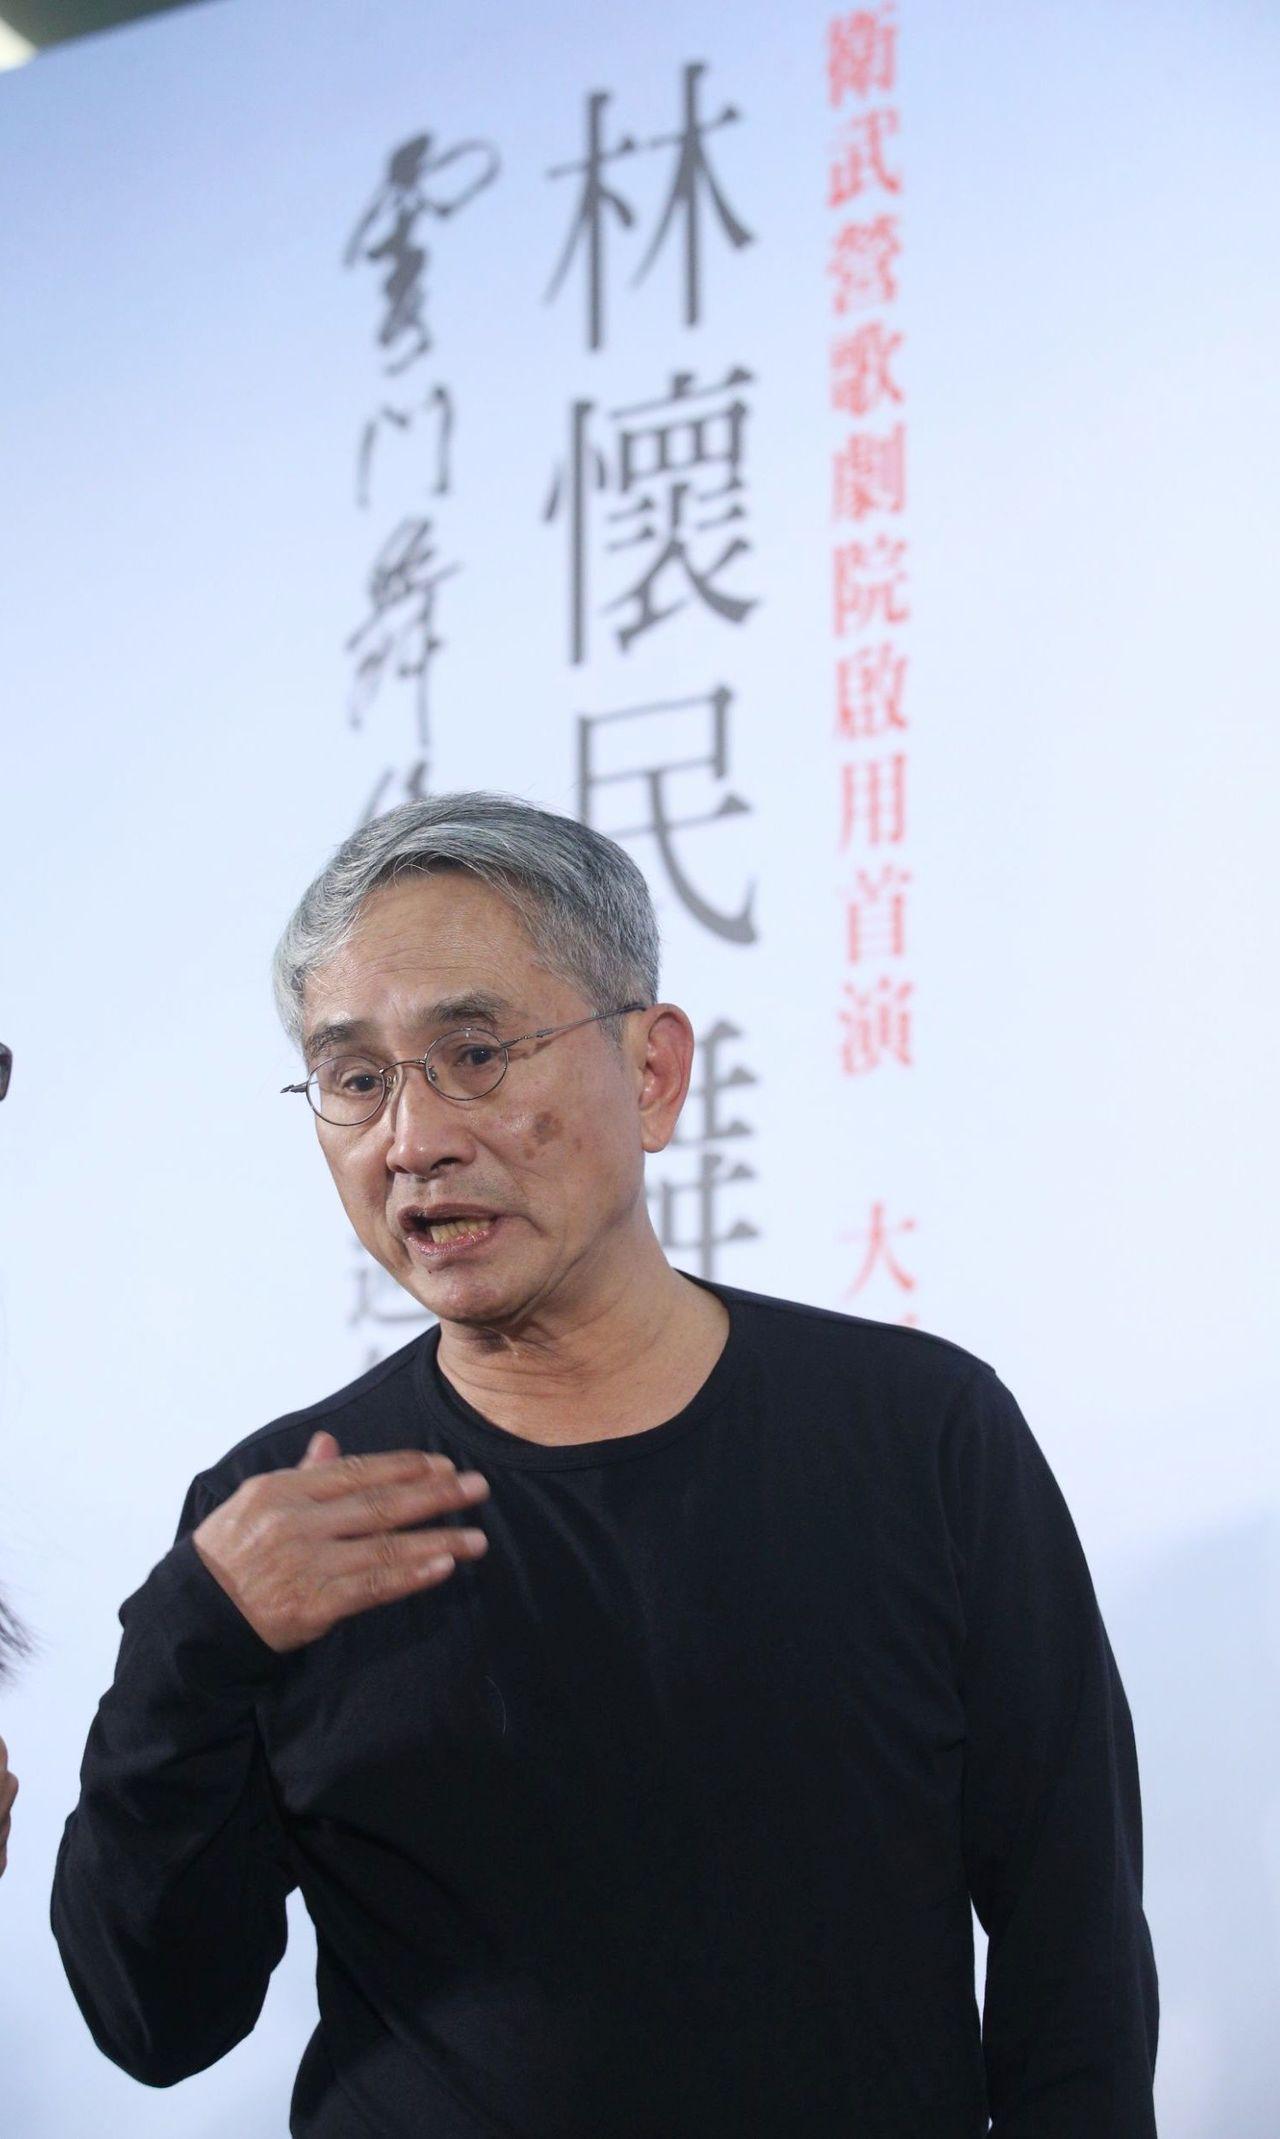 雲門舞集創辦人林懷民表示,文化藝術是超乎政治的,希望高雄品牌春天藝術節能持續下去...